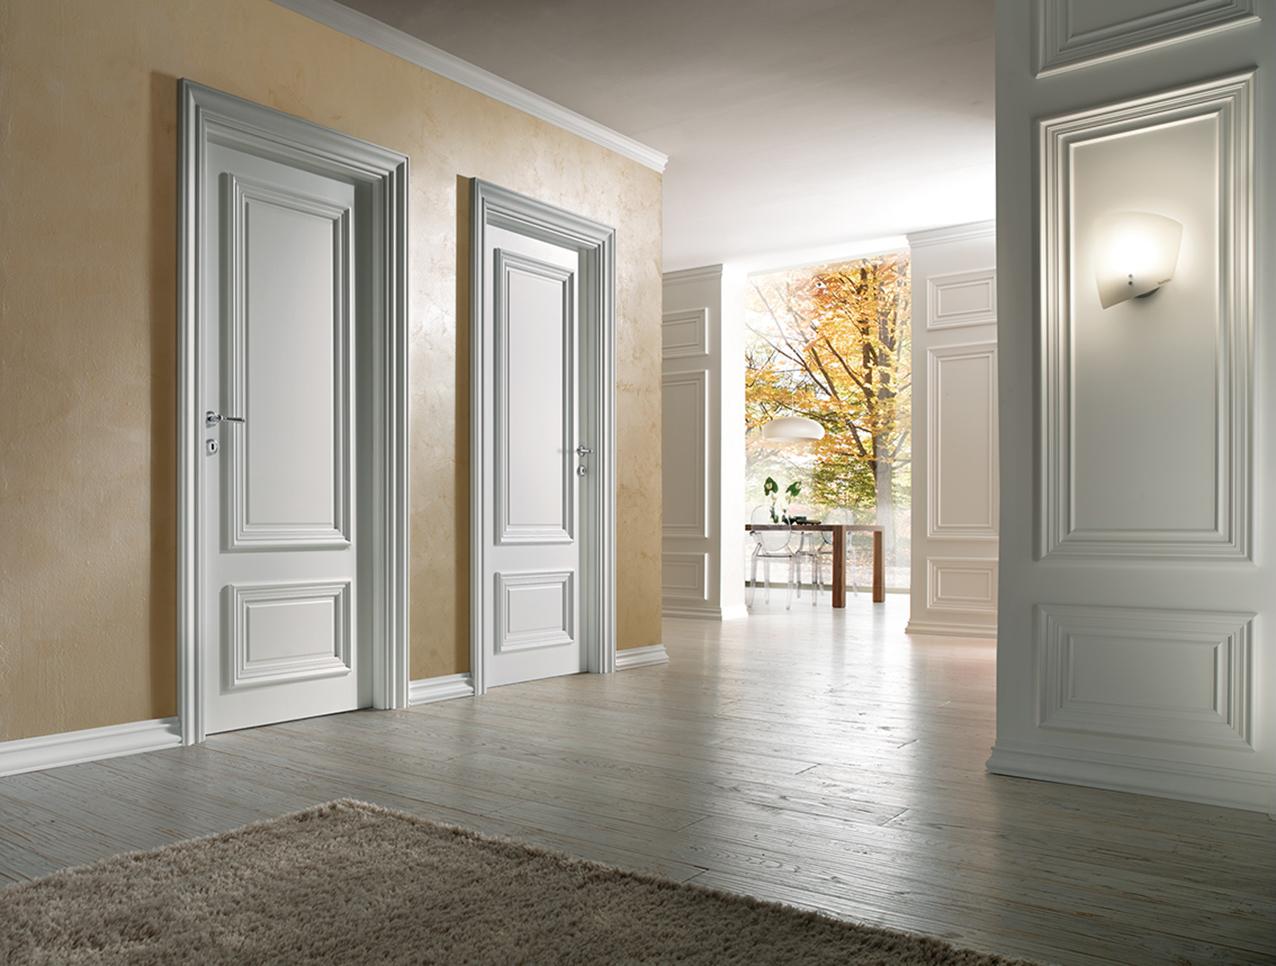 Vendita porte e pavimenti in laminato a Brescia